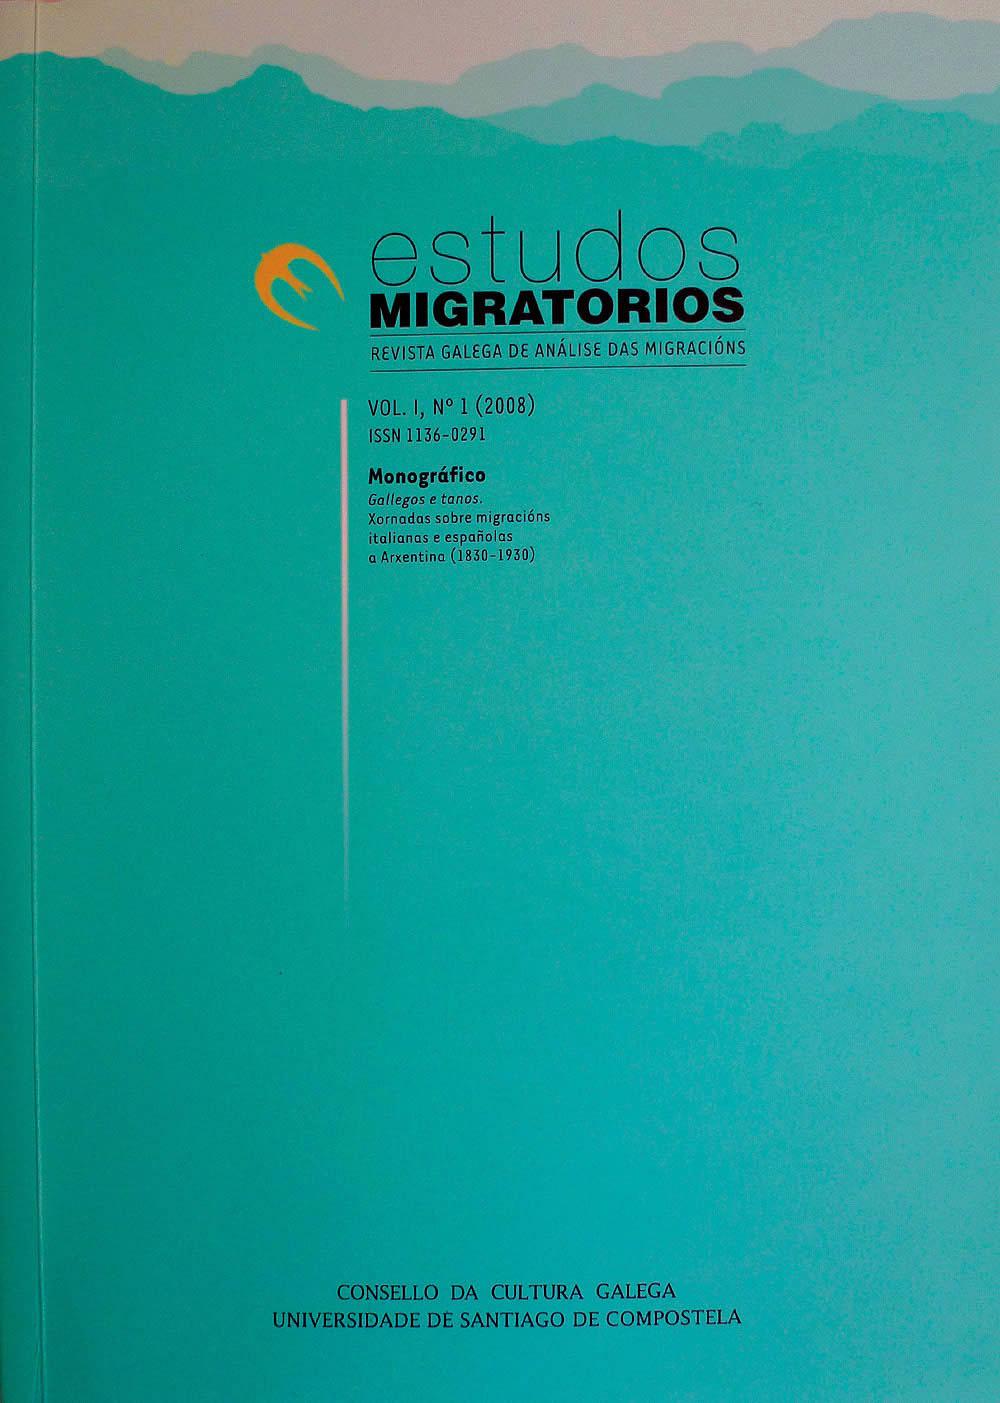 Portada de  Estudos Migratorios. Revista Galega de Análise das Migracións. V. I, N.º 1 (2008)